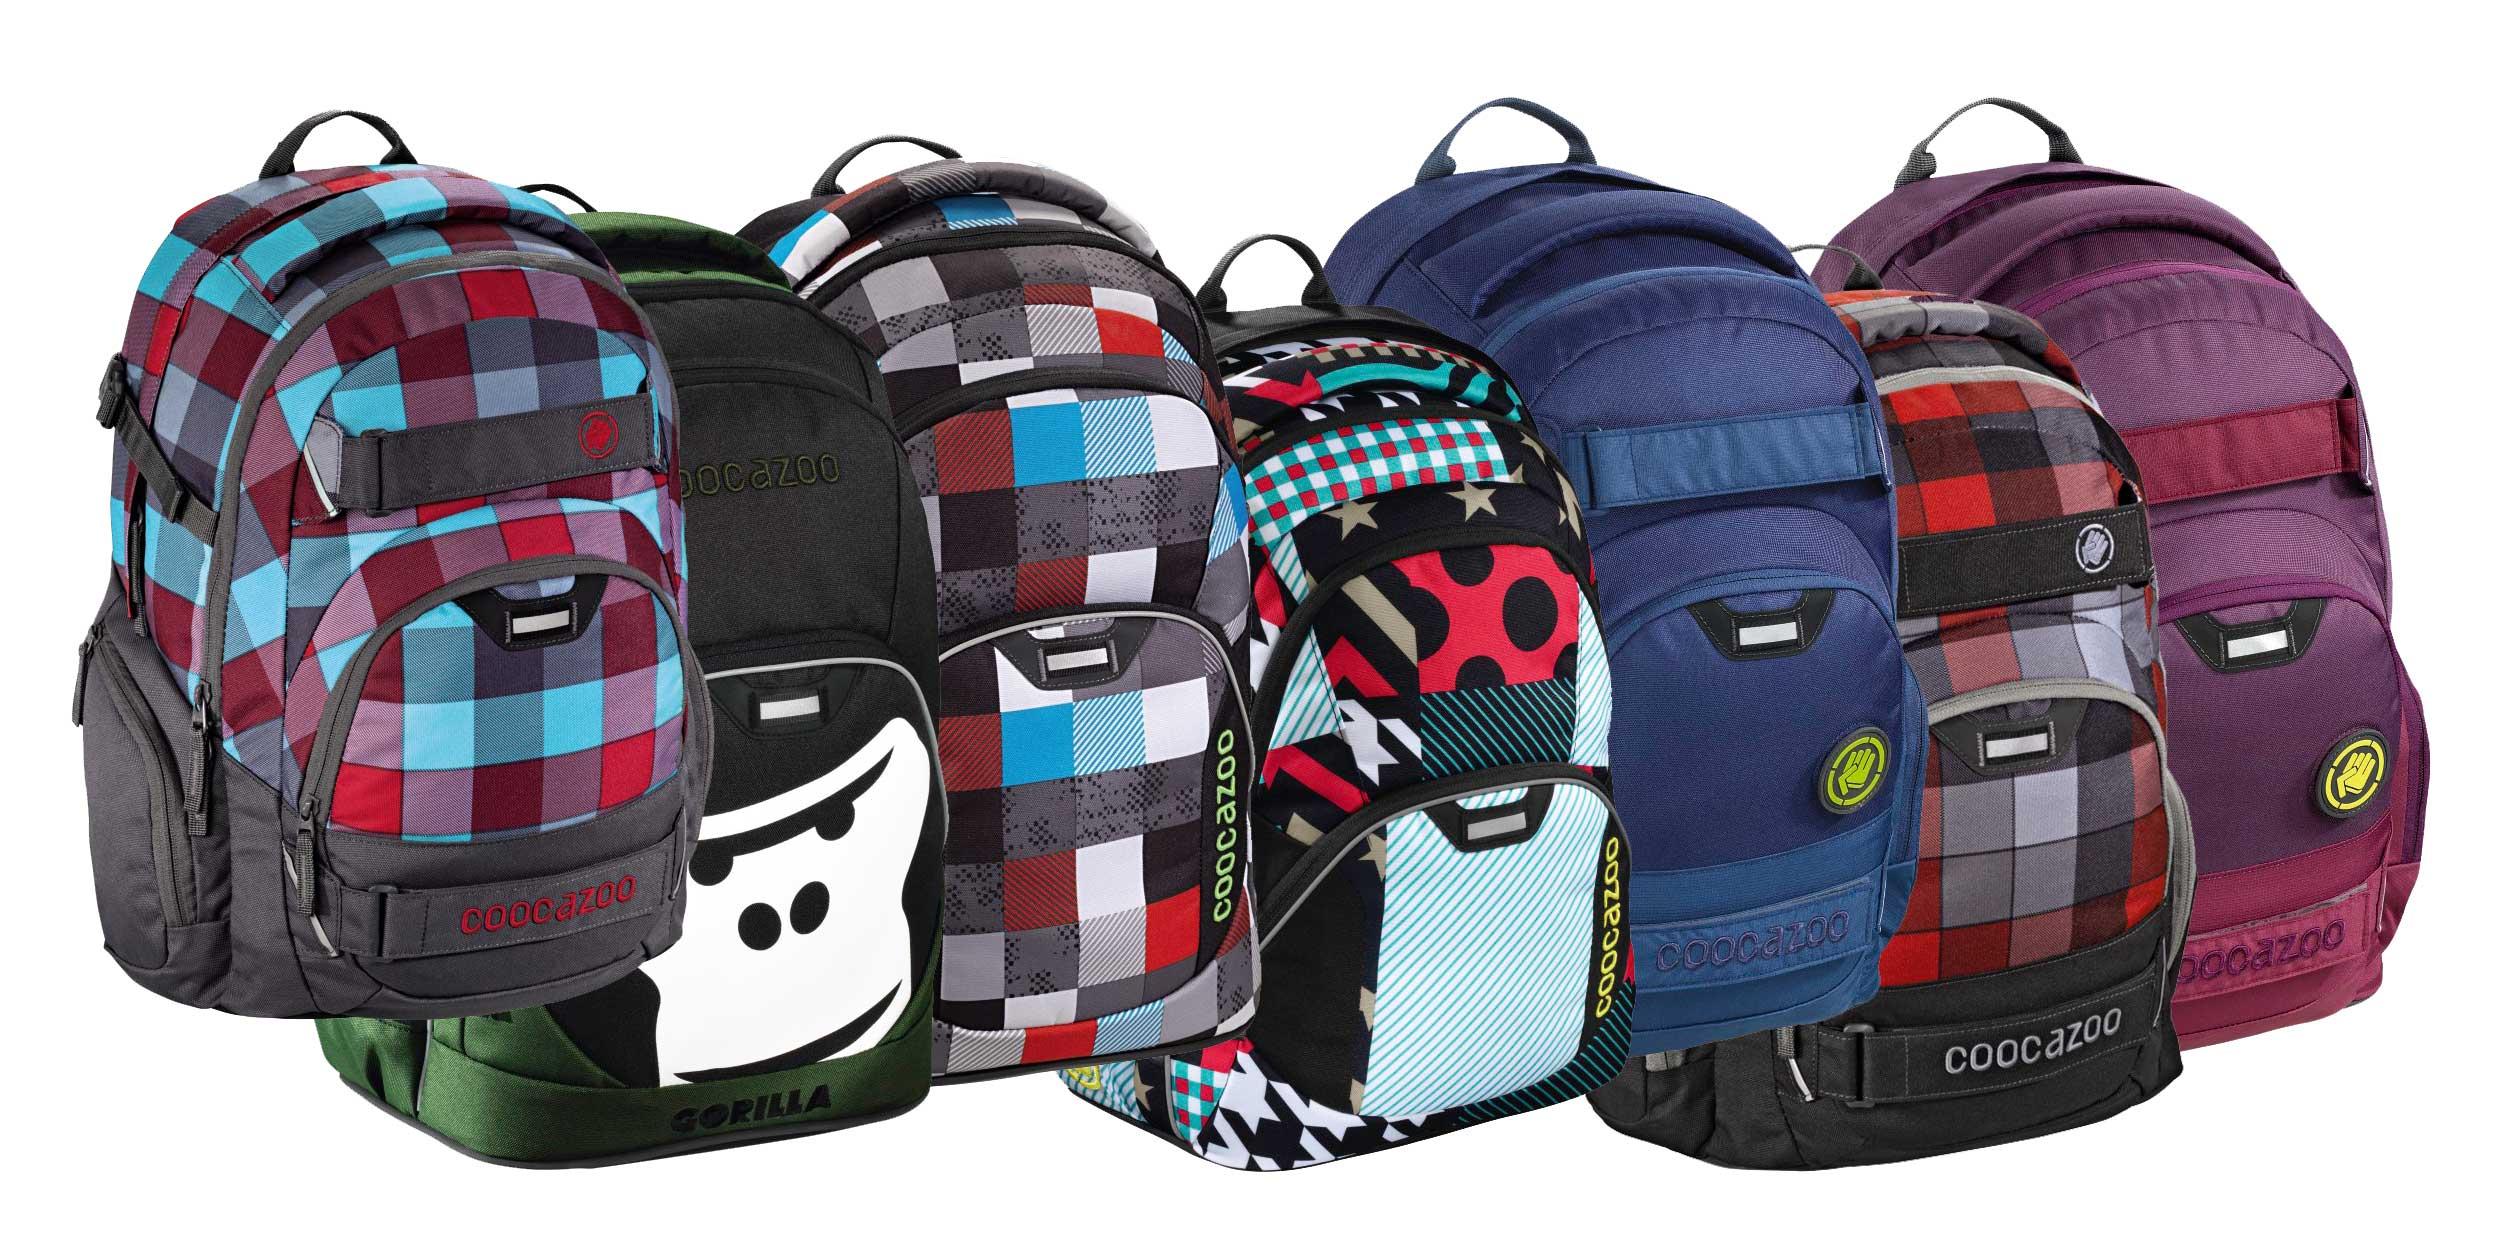 a4619decd2 Školské tašky pre tretiakov predaj online